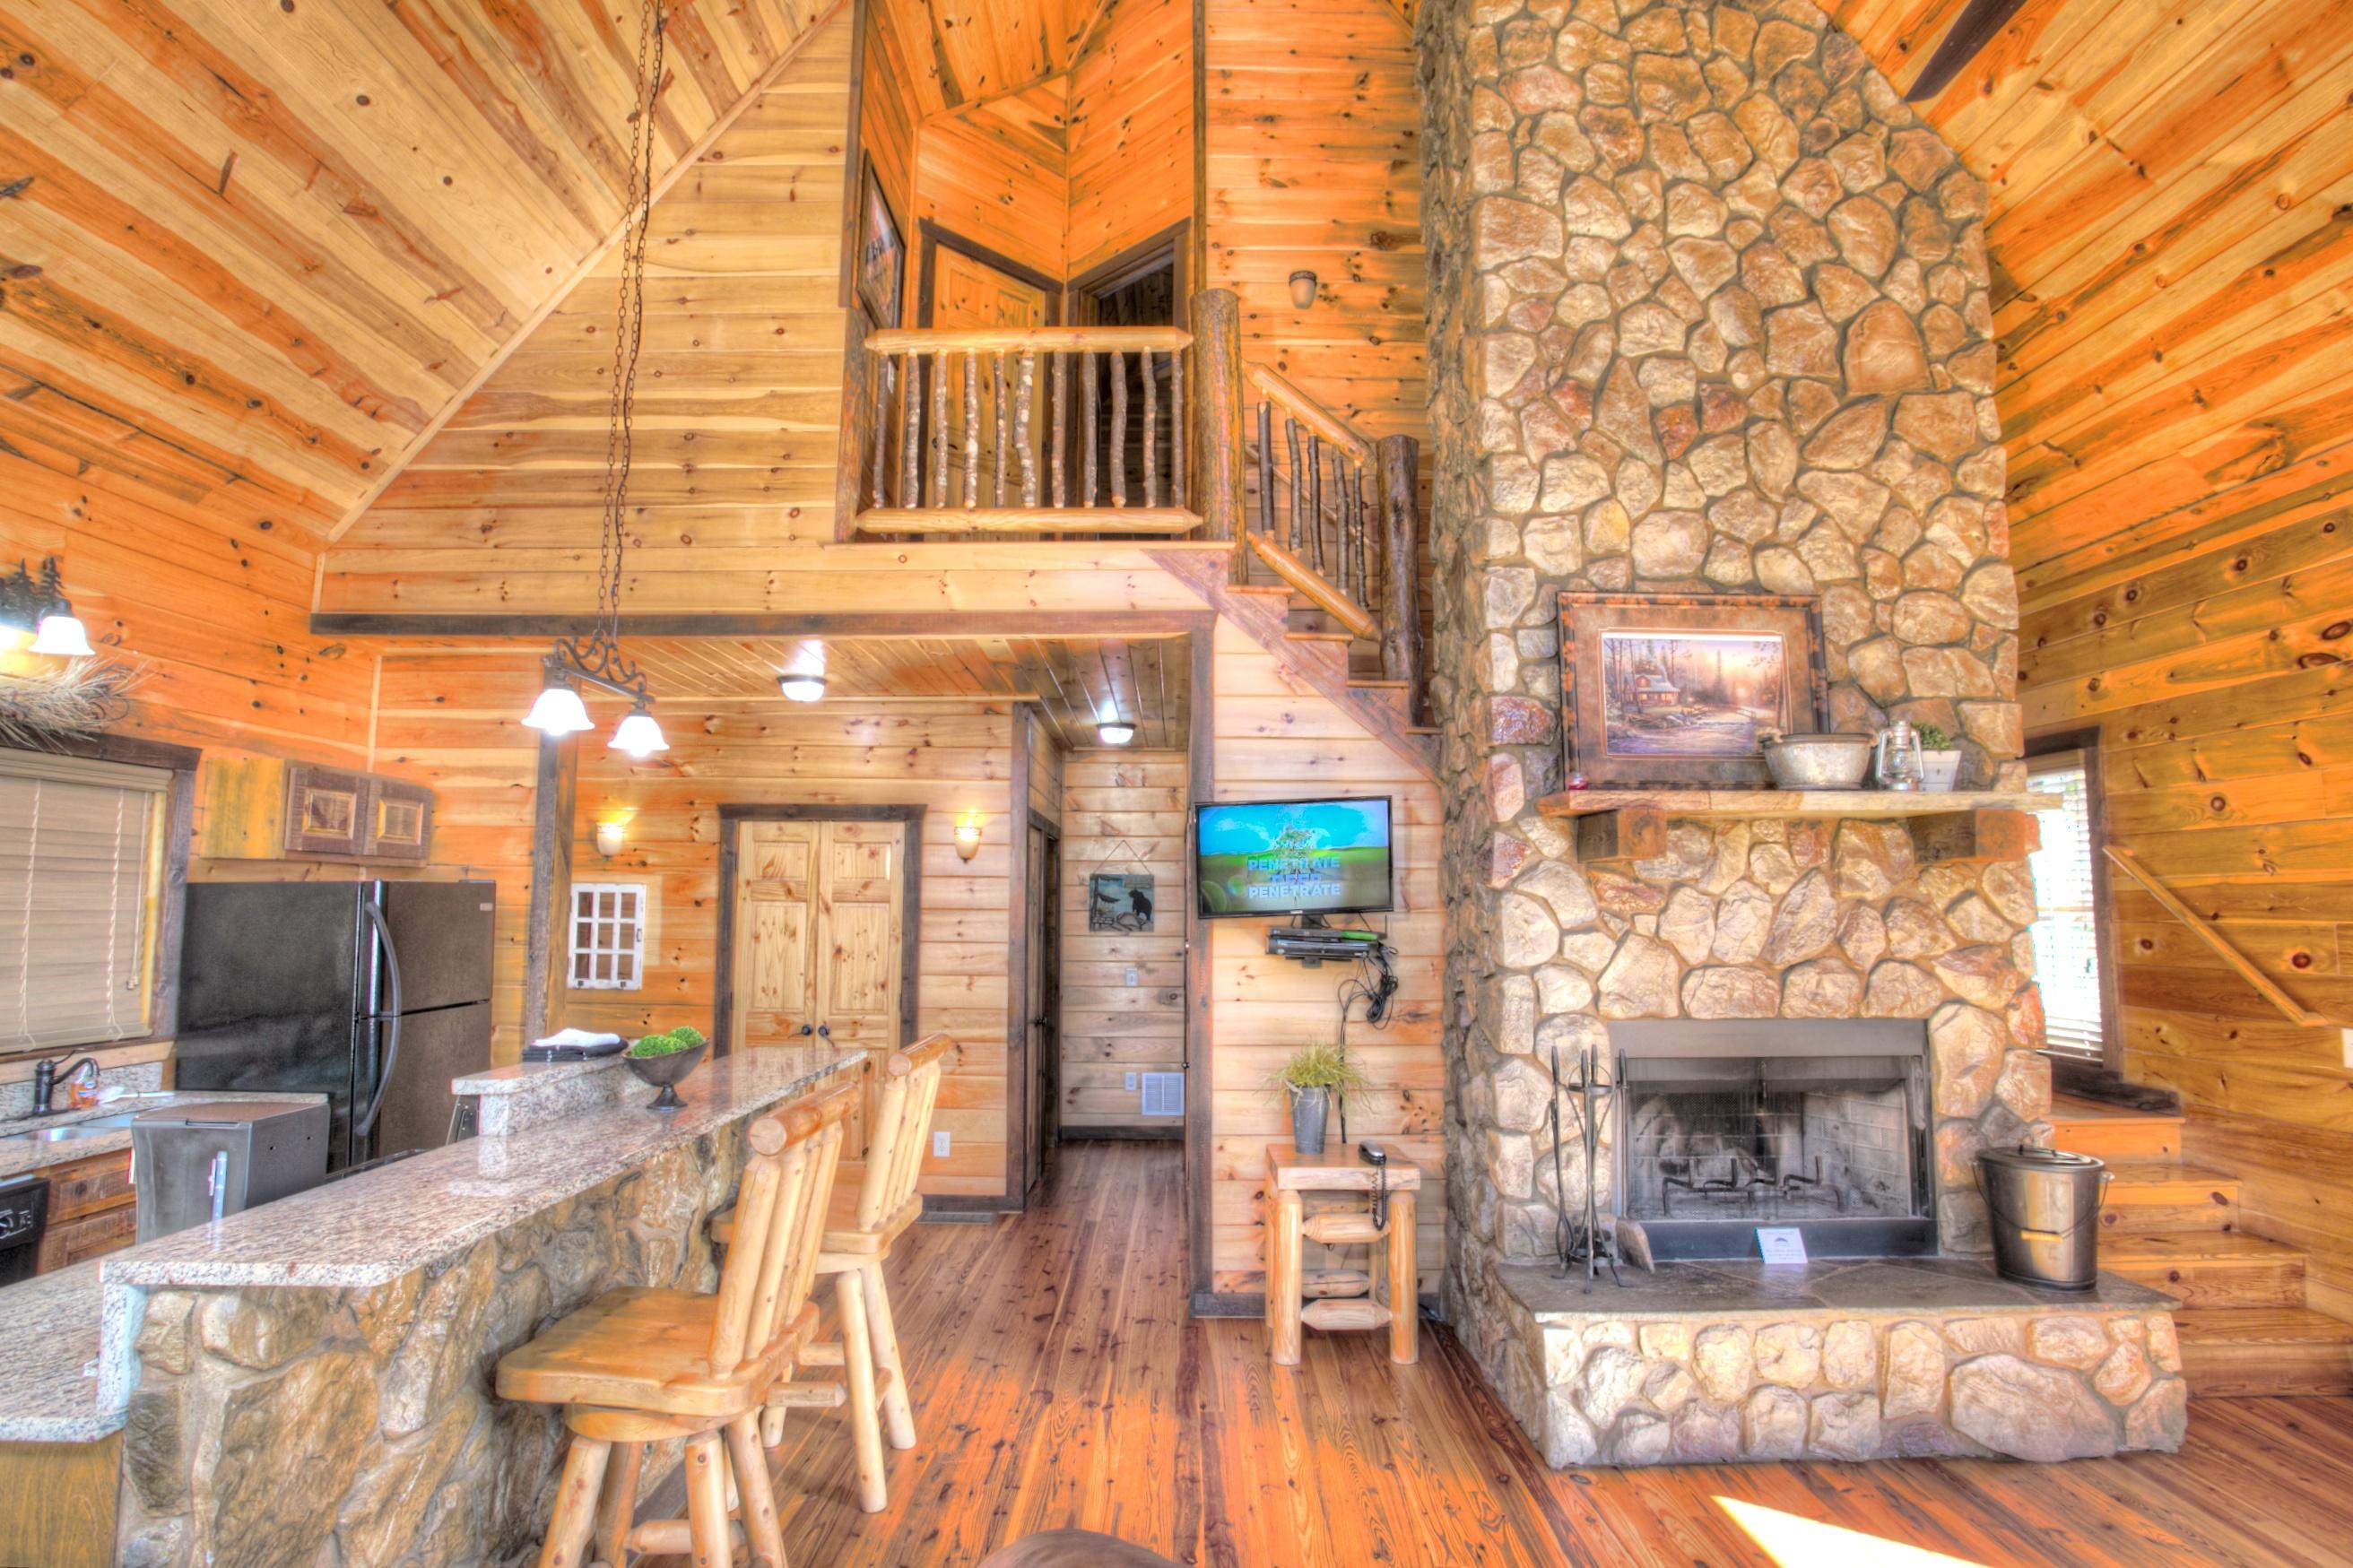 oak-hill-cabin-rentals-interior